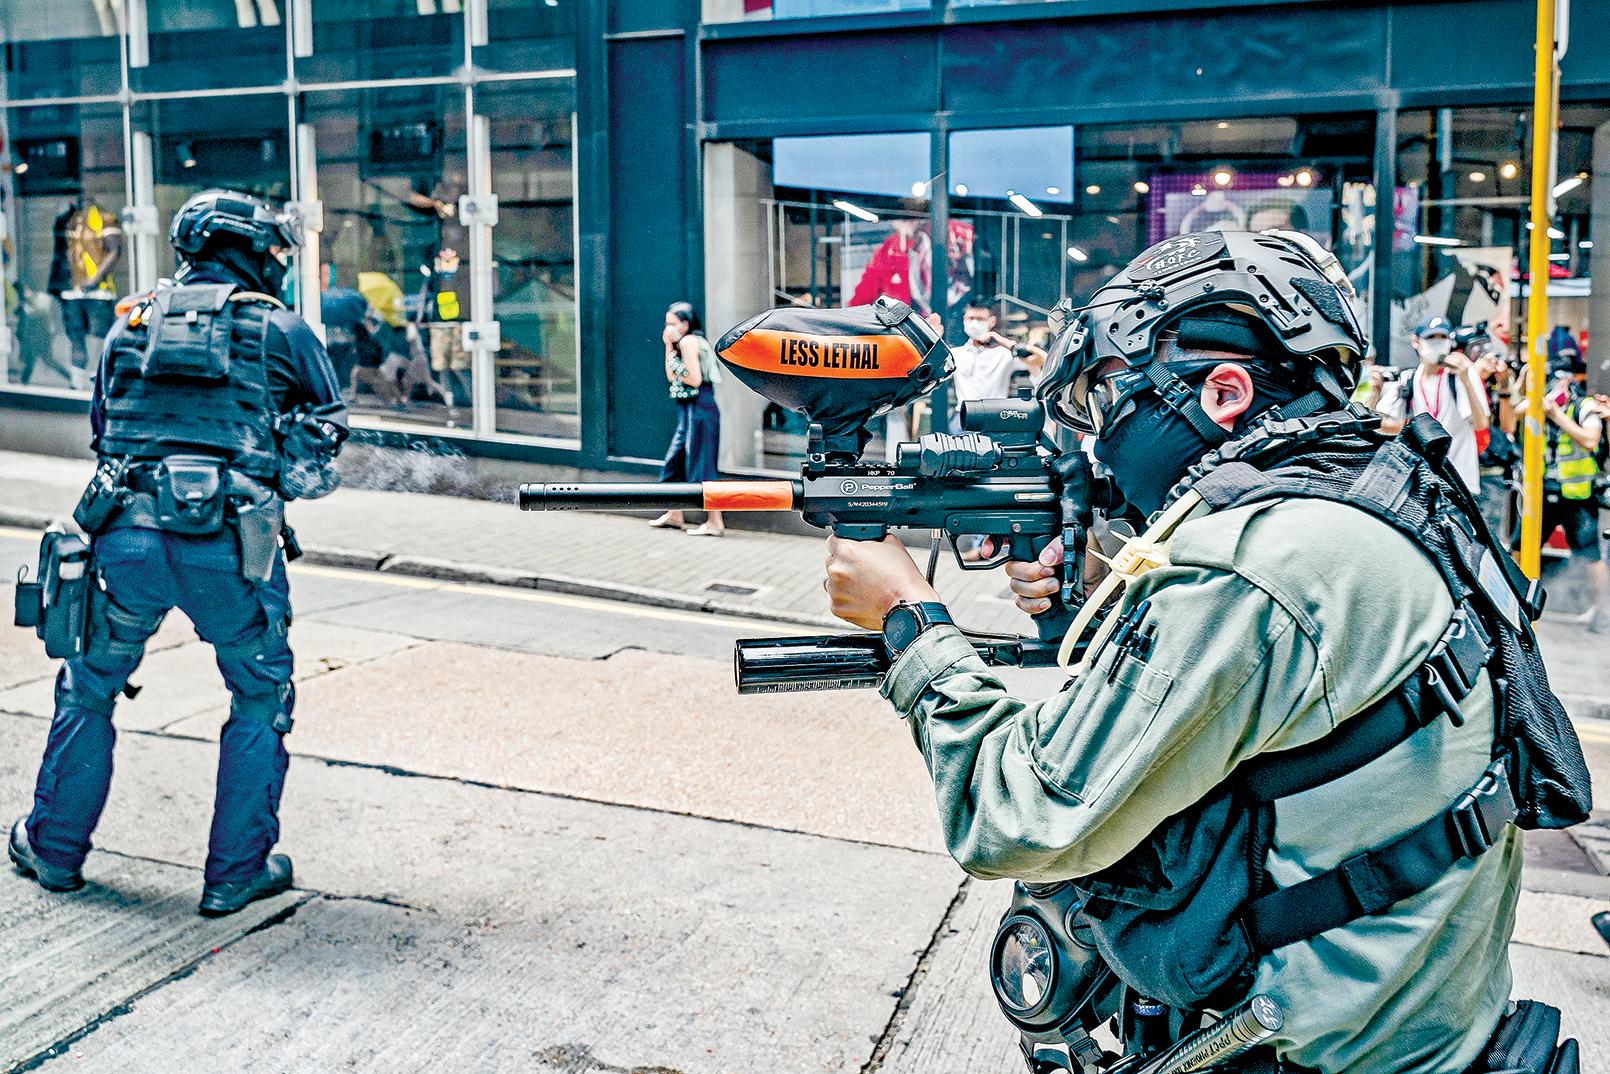 5月27日,在香港民眾舉行和平抗議港版國安法的集會上,港警舉起胡椒彈槍試圖阻嚇。(Getty Images)